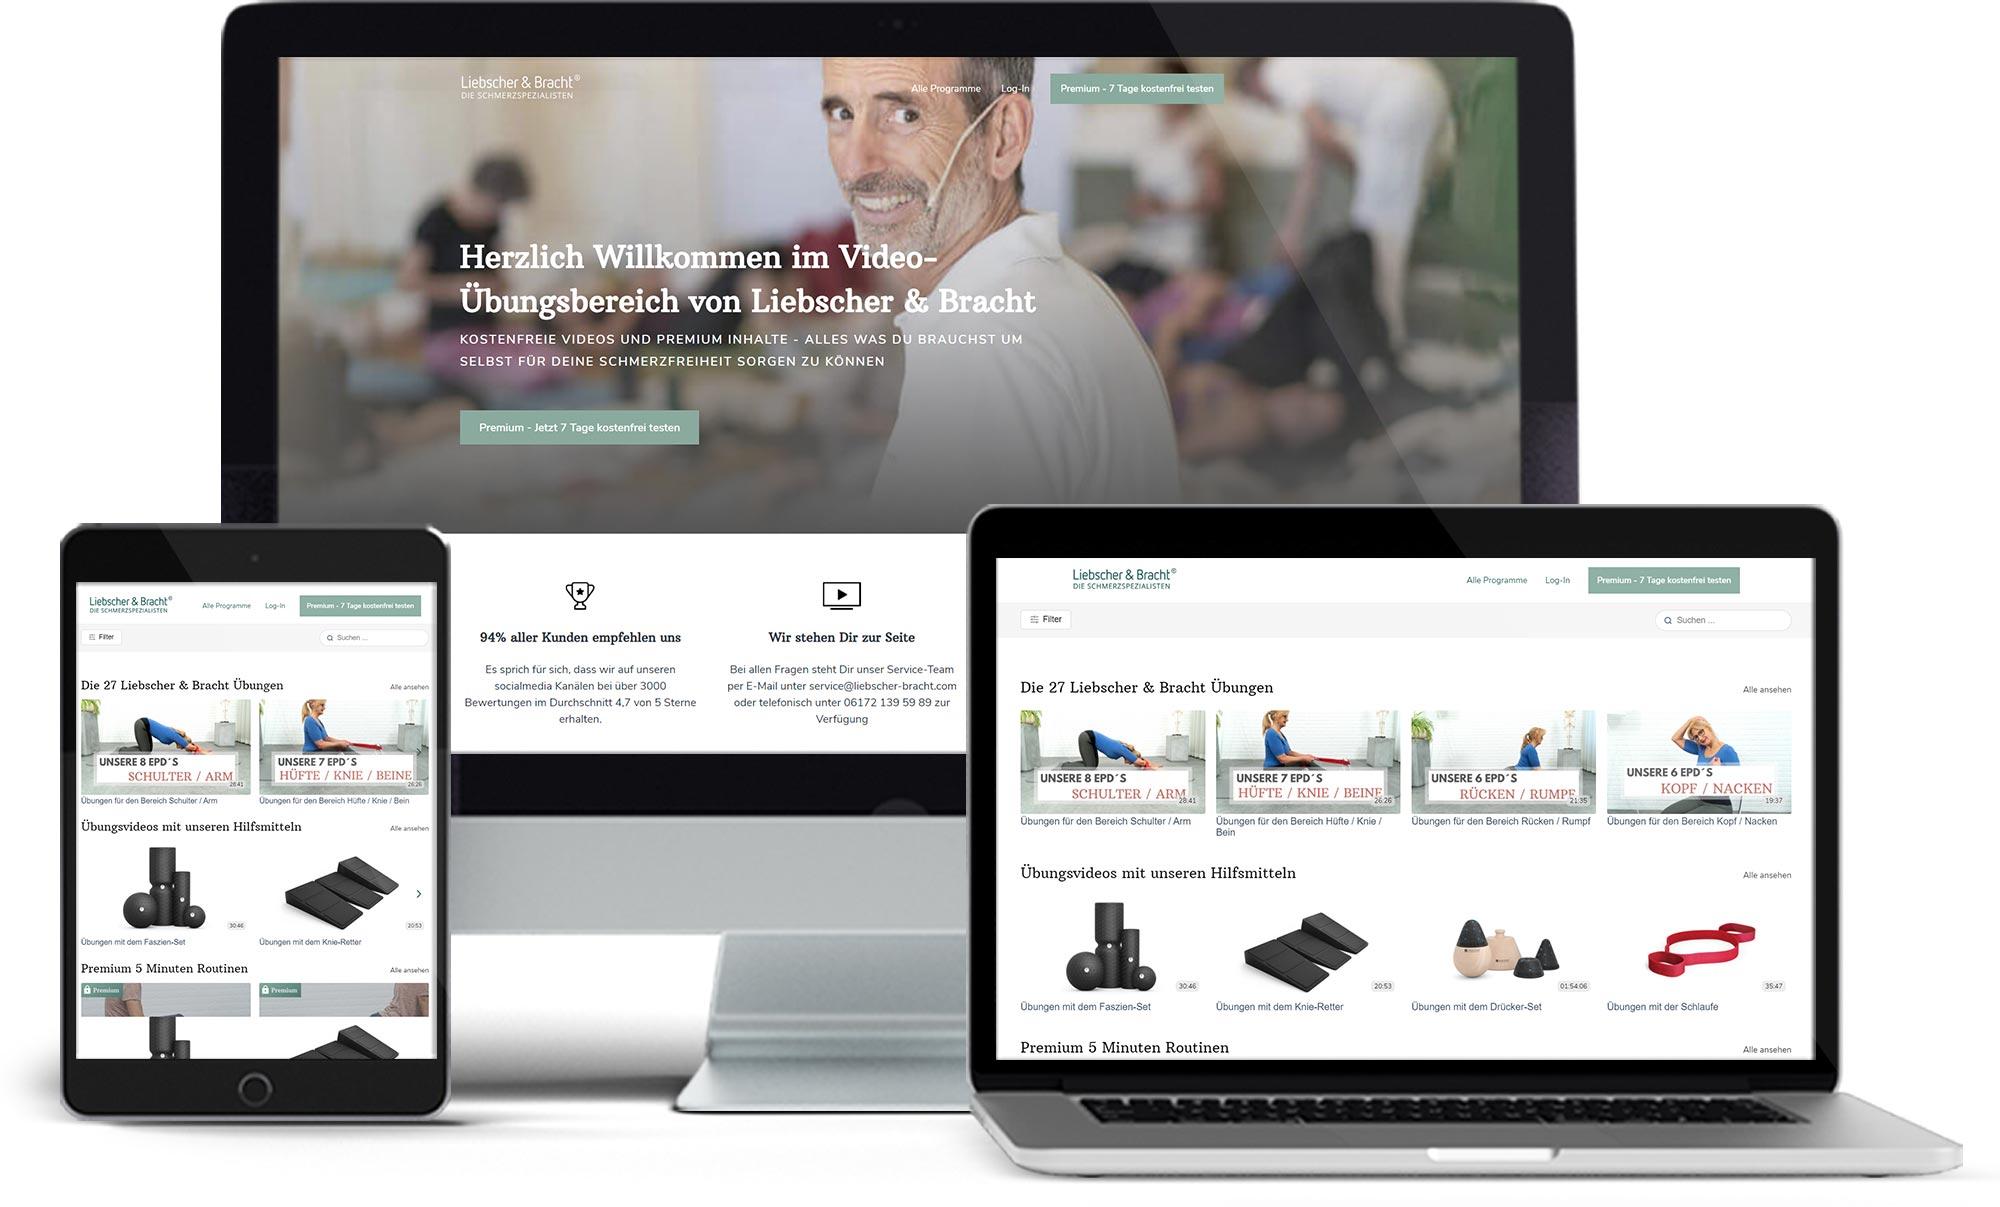 Darstellung des kostenfreien Übungsbereiches auf den 3 Endgeräten Desktop, Tablet und mobile.